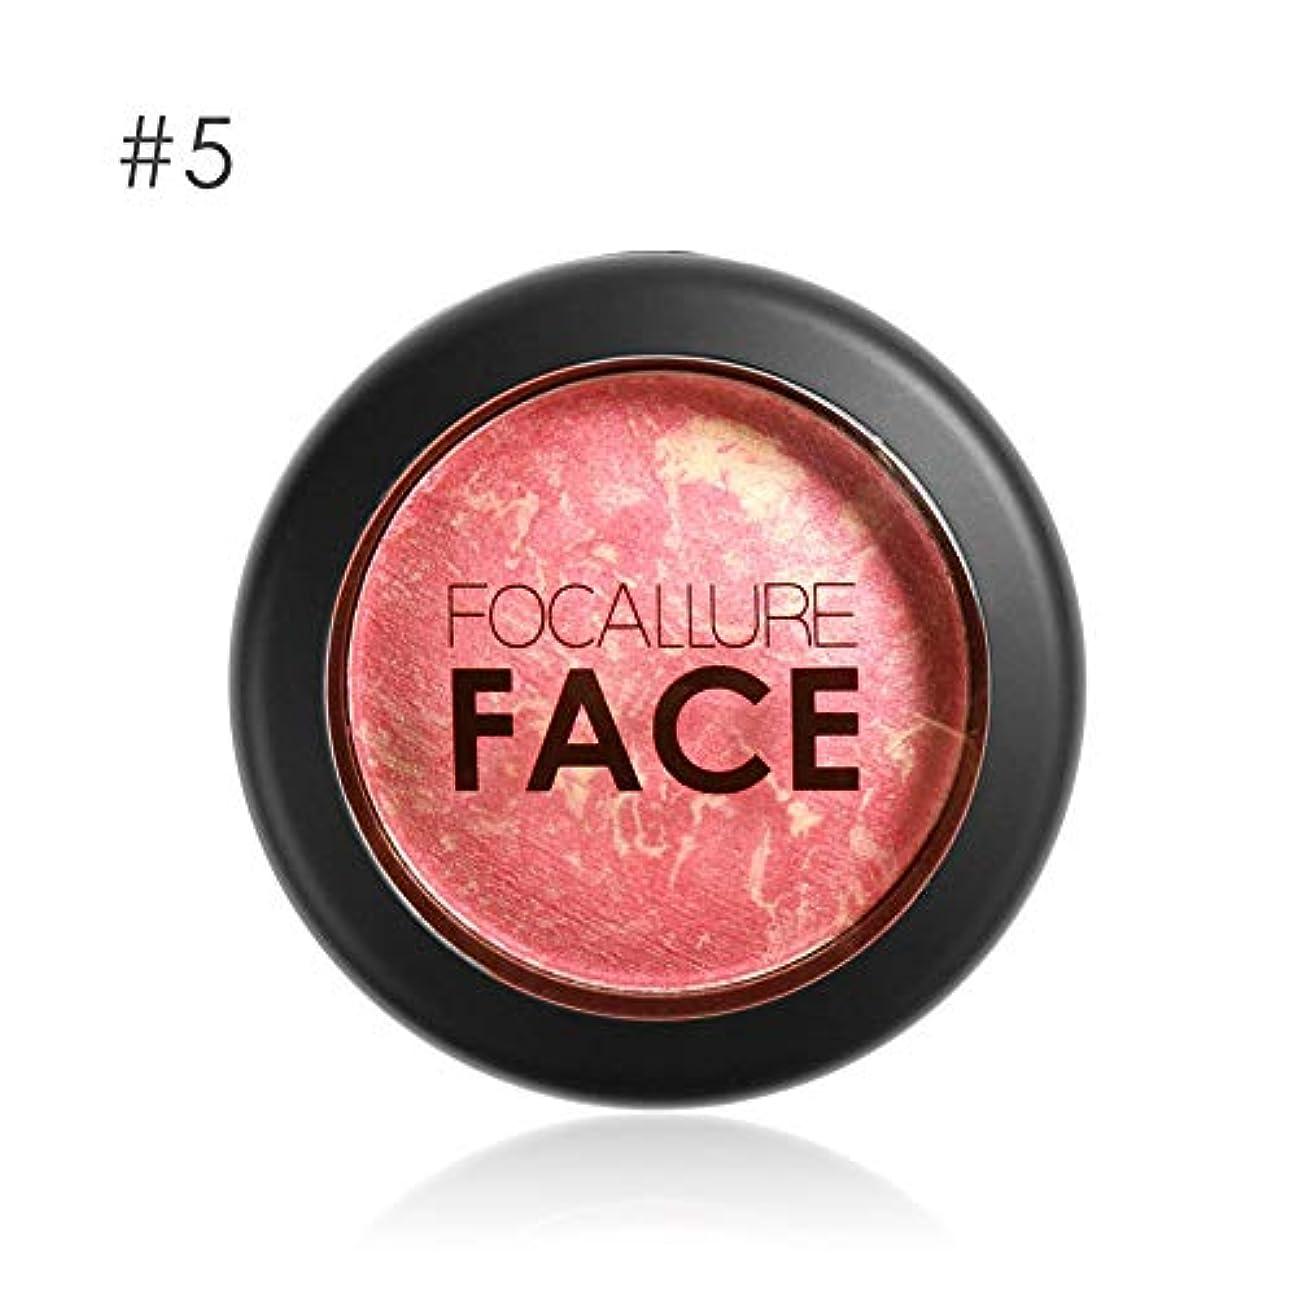 繕うフォーラム適用済みFocallure 6色プロフェッショナル頬焼き赤面フェイス輪郭頬紅メイク - 5#